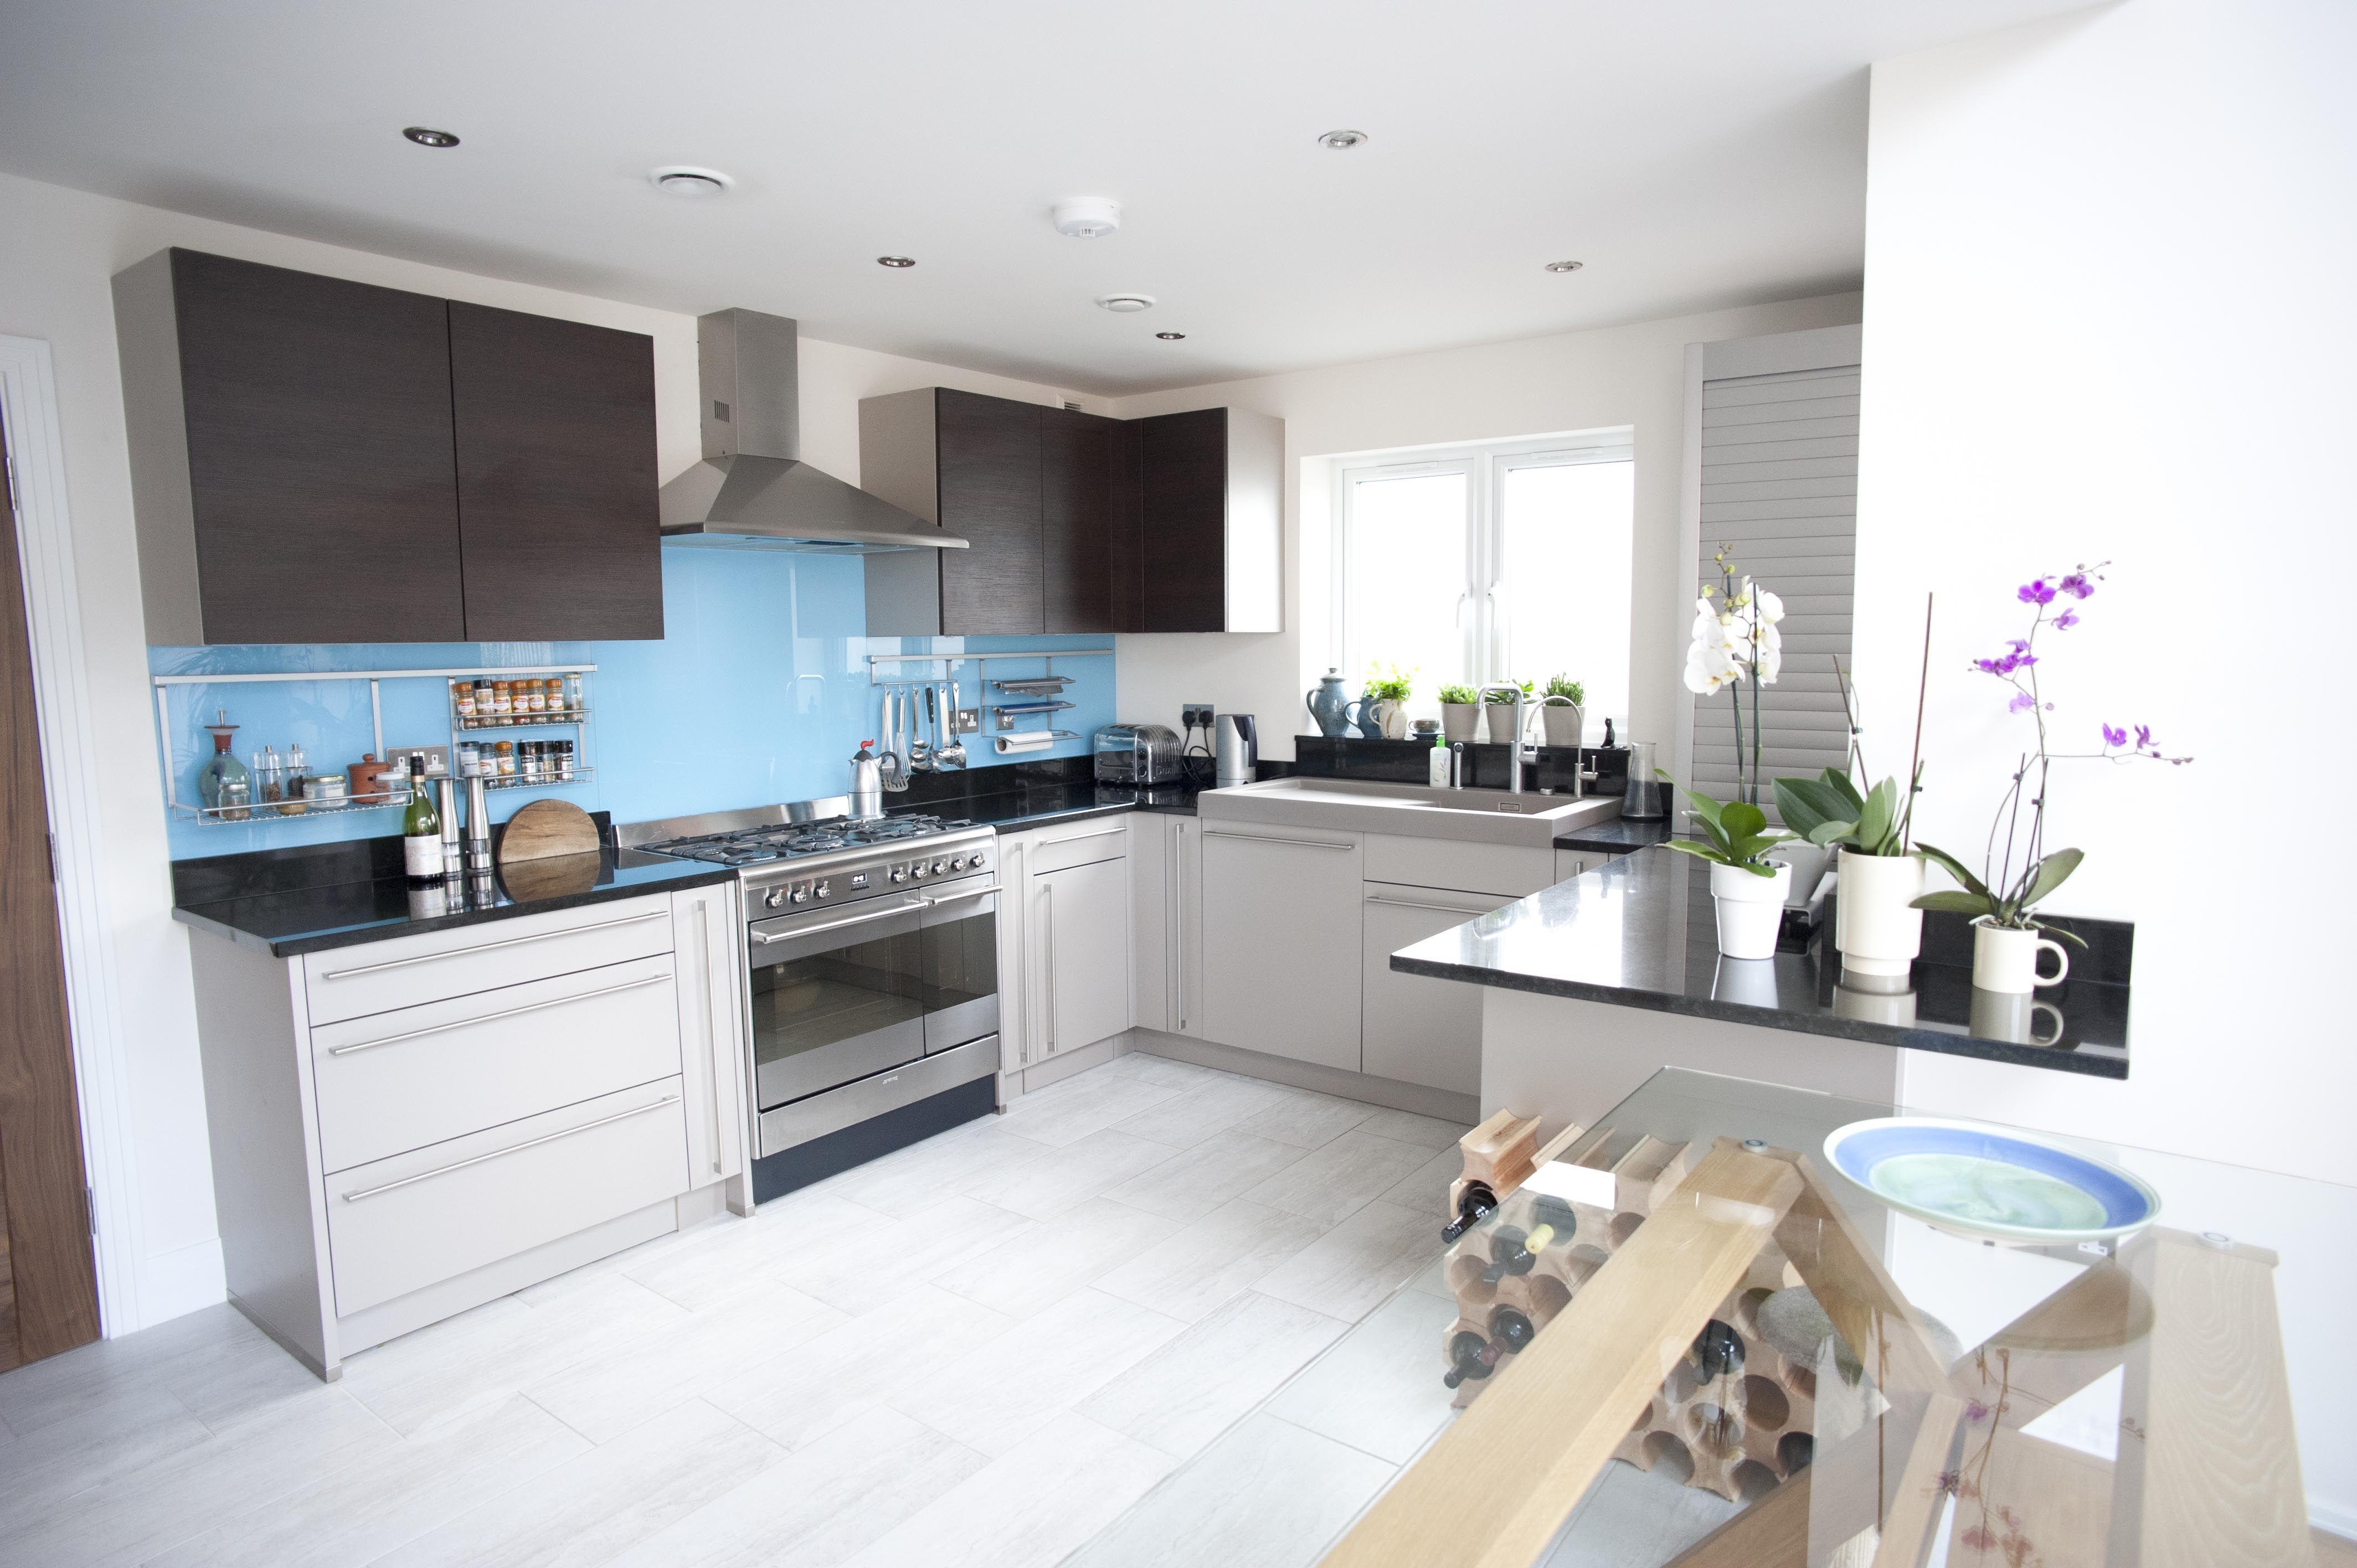 Nolte Kitchens | Cheshunt FC, Glass splashbacks and Kitchens